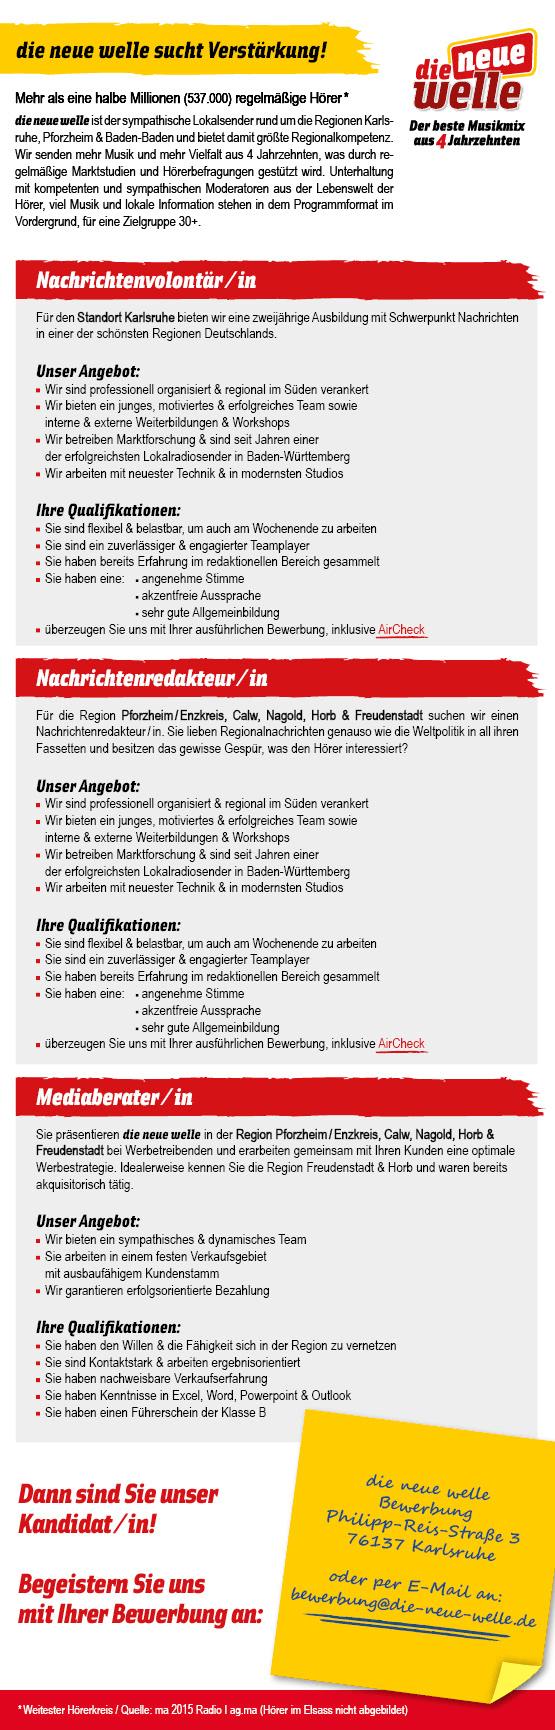 die neue welle sucht Nachrichtenvolontär/in, Nachrichtenredakteur/in und Mediaberater/in